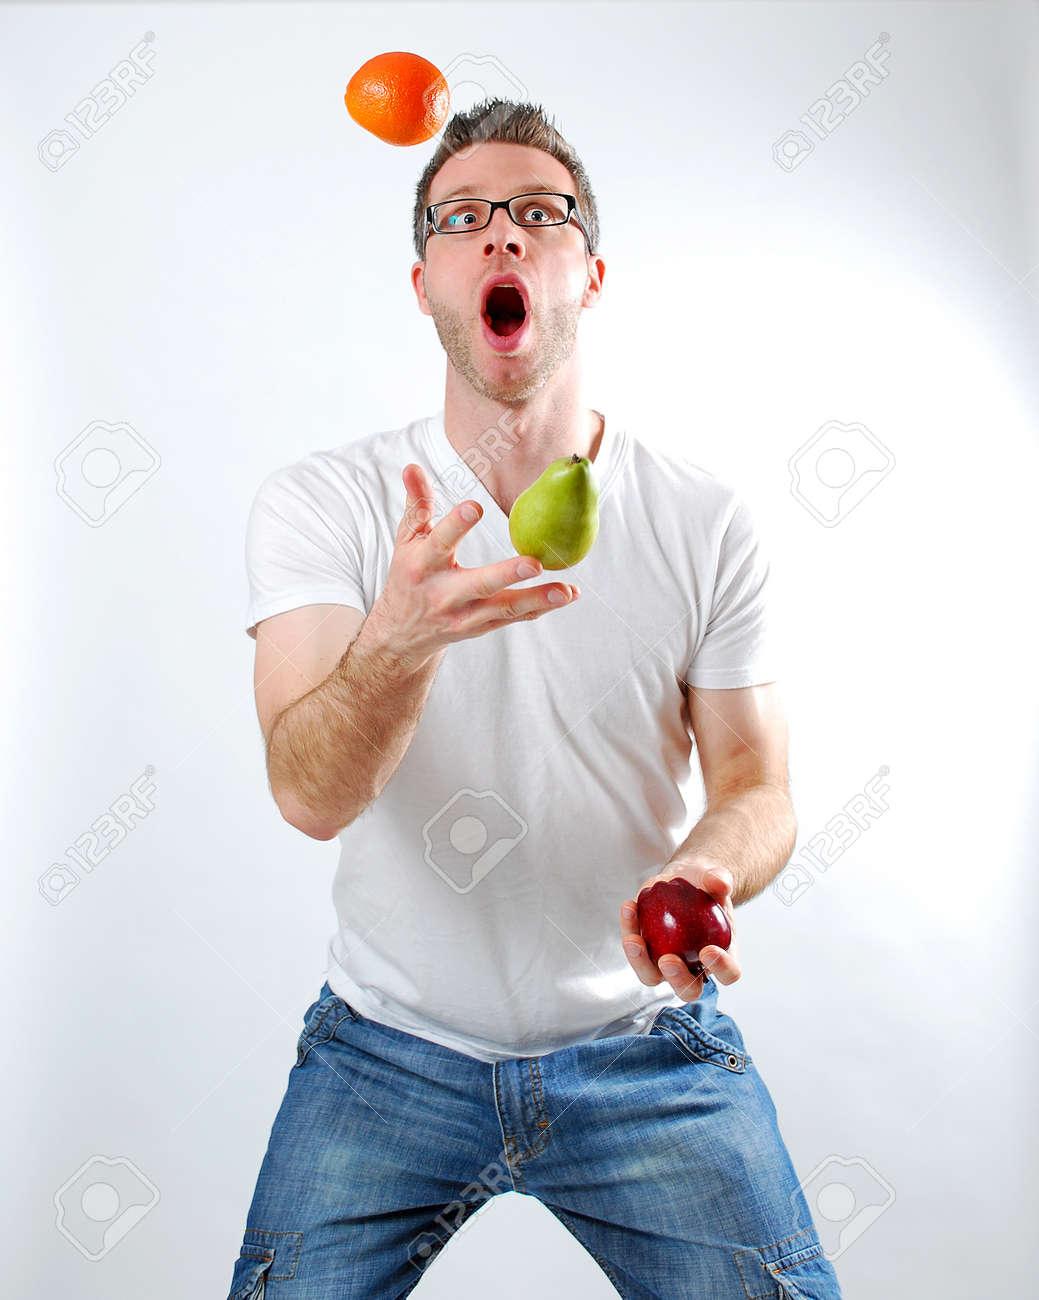 Image of a man juggling fruit - 13385006